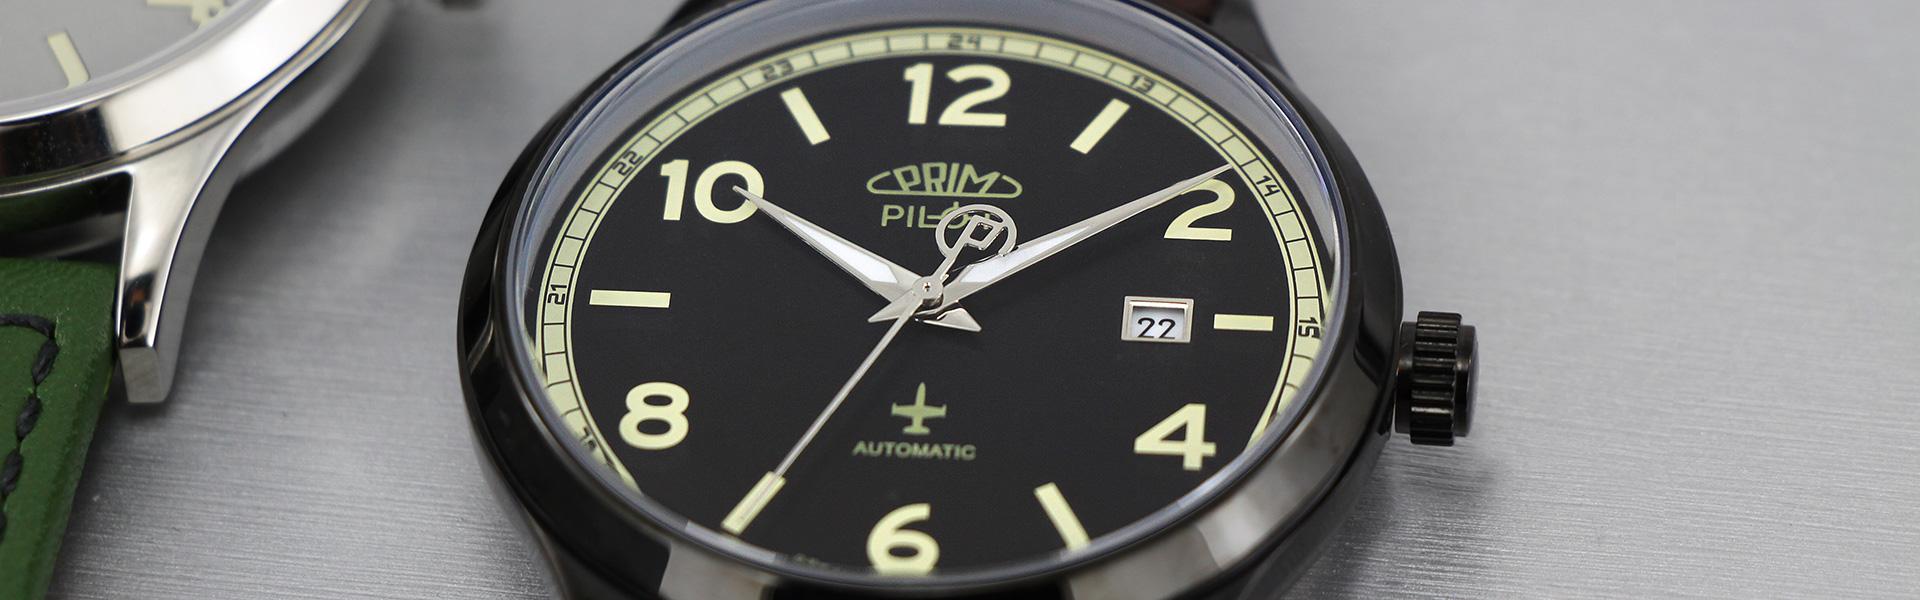 PILOT-1920X600